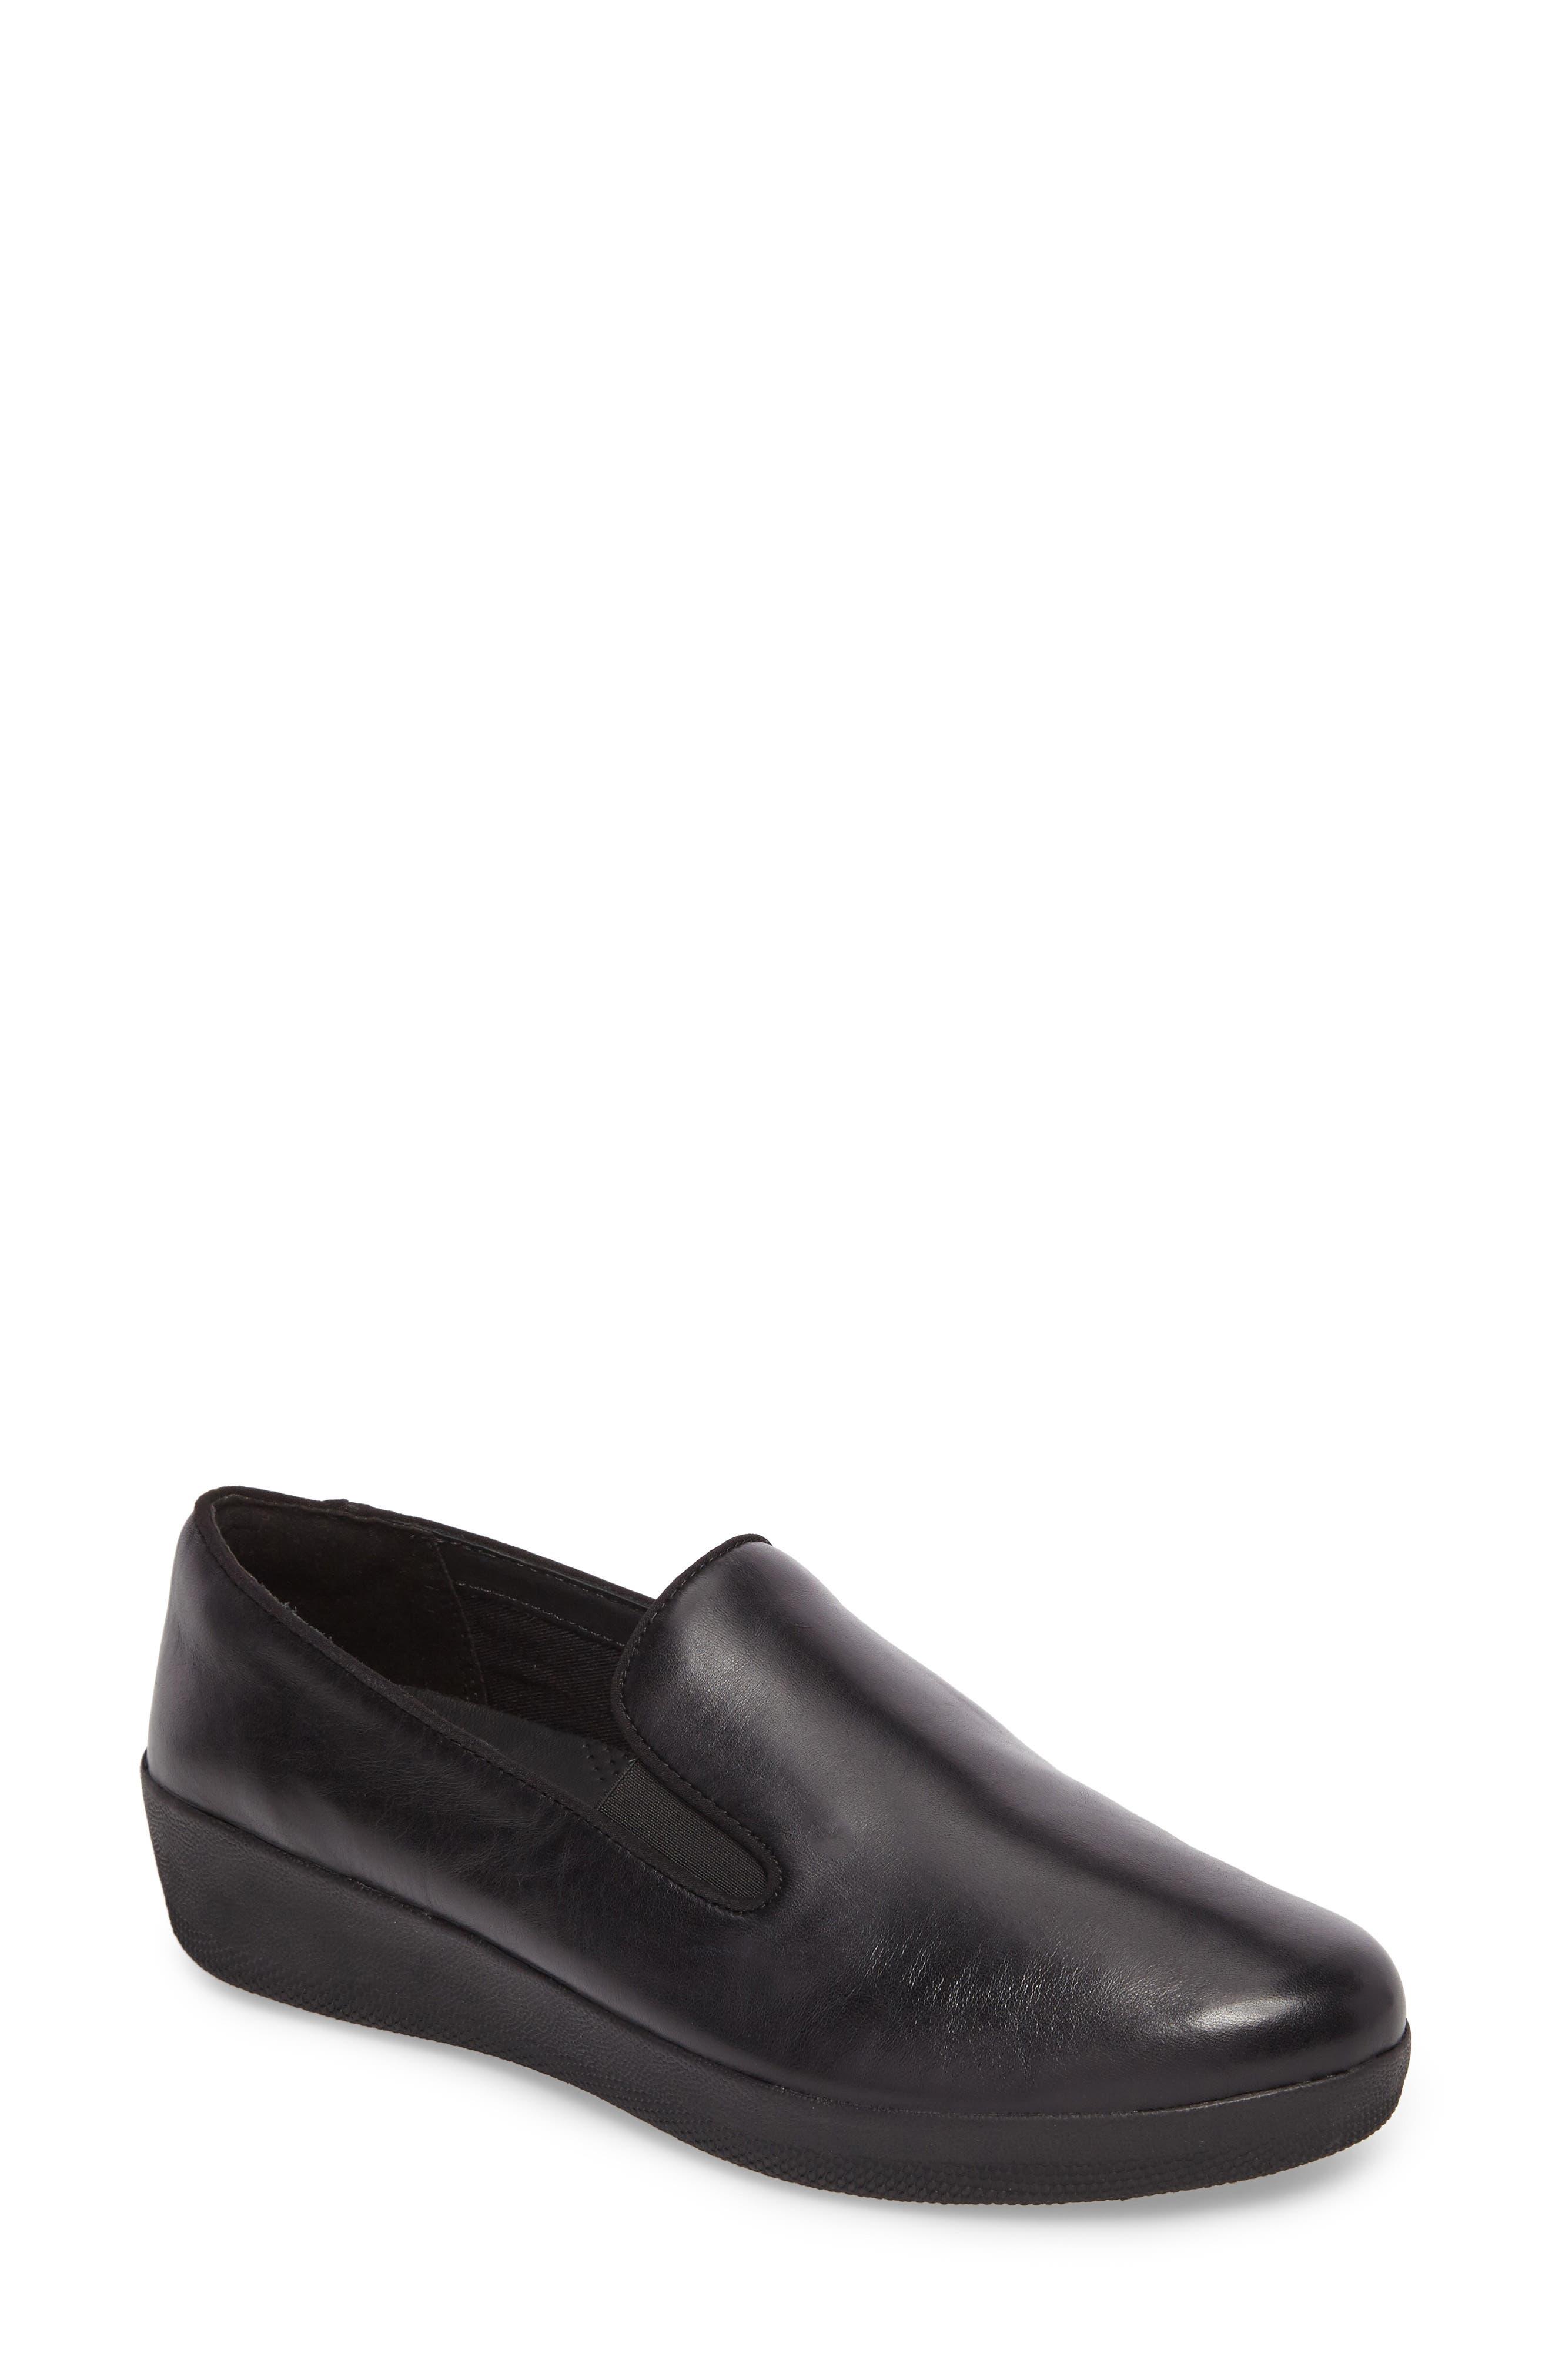 Superskate Slip-On Sneaker,                         Main,                         color, 004